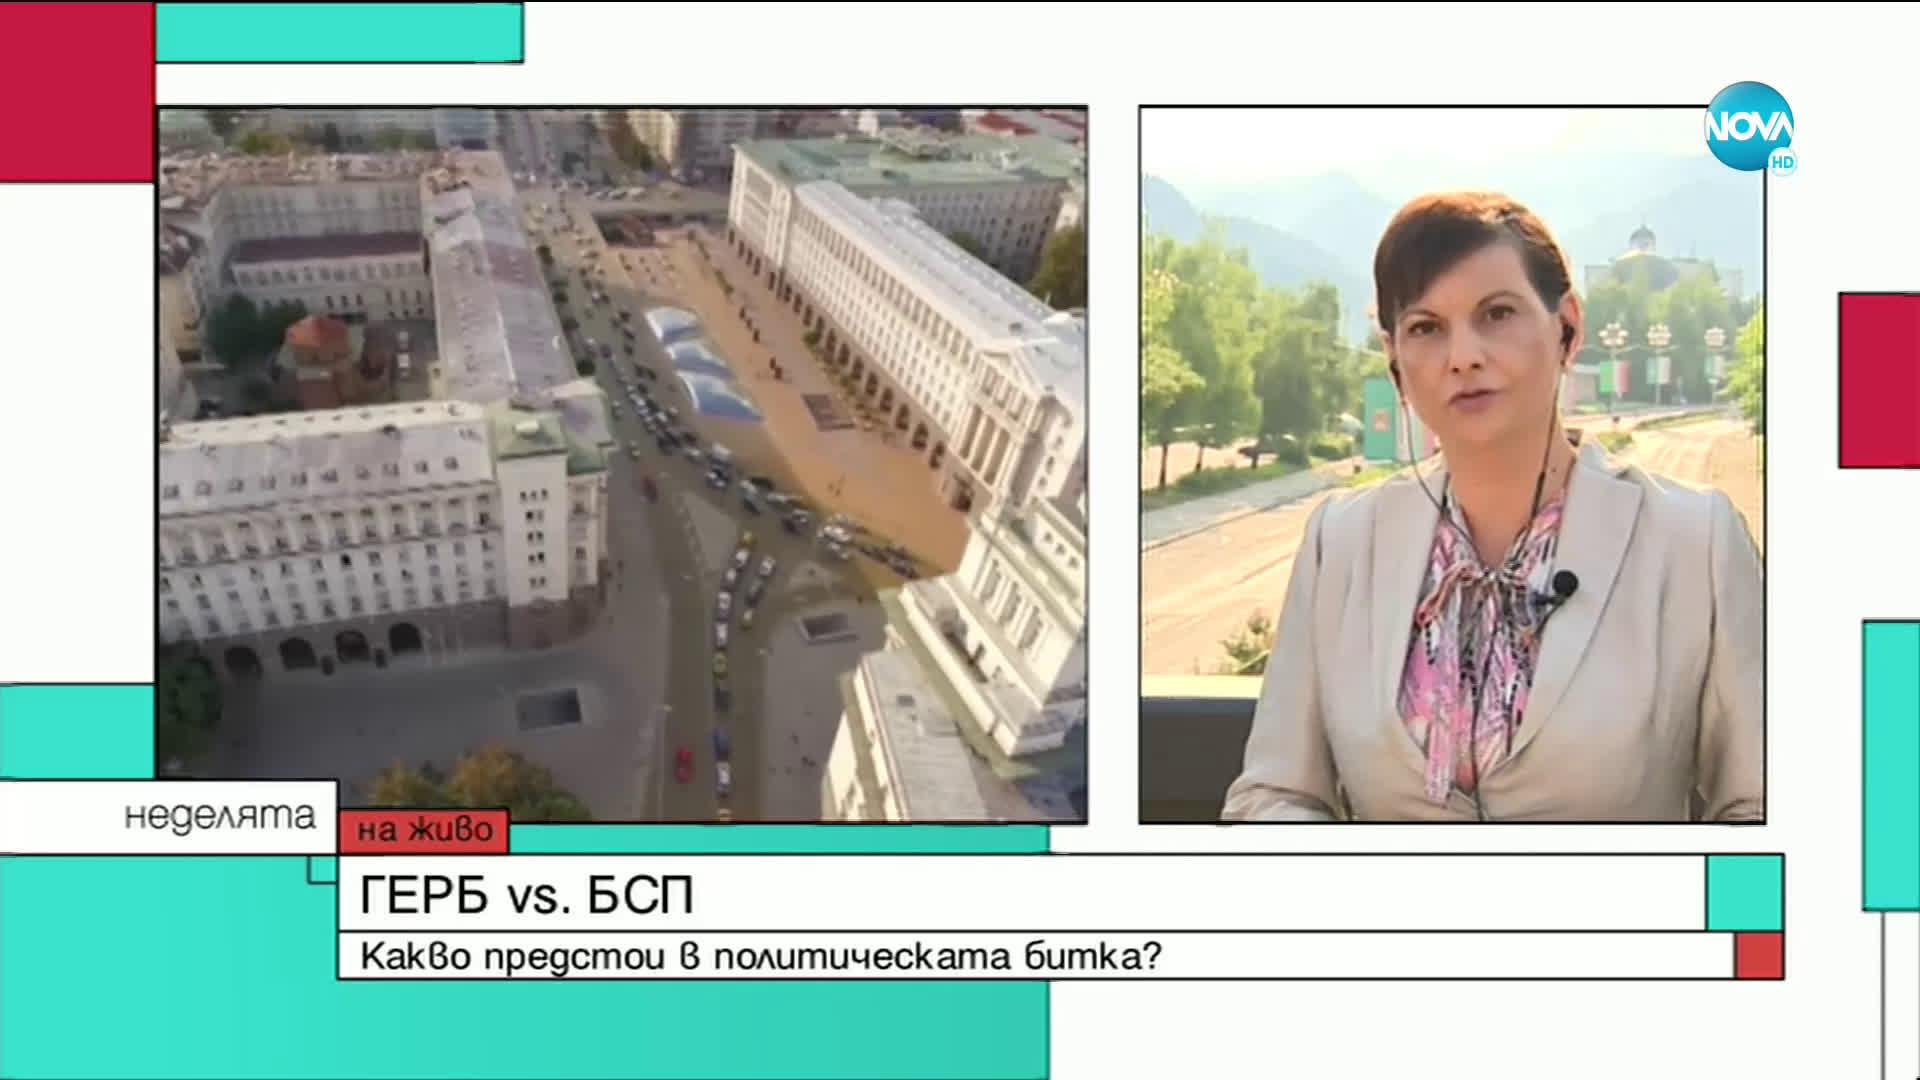 Дариткова: Нови формации искат да трупат рейтинг с антигерб реторика